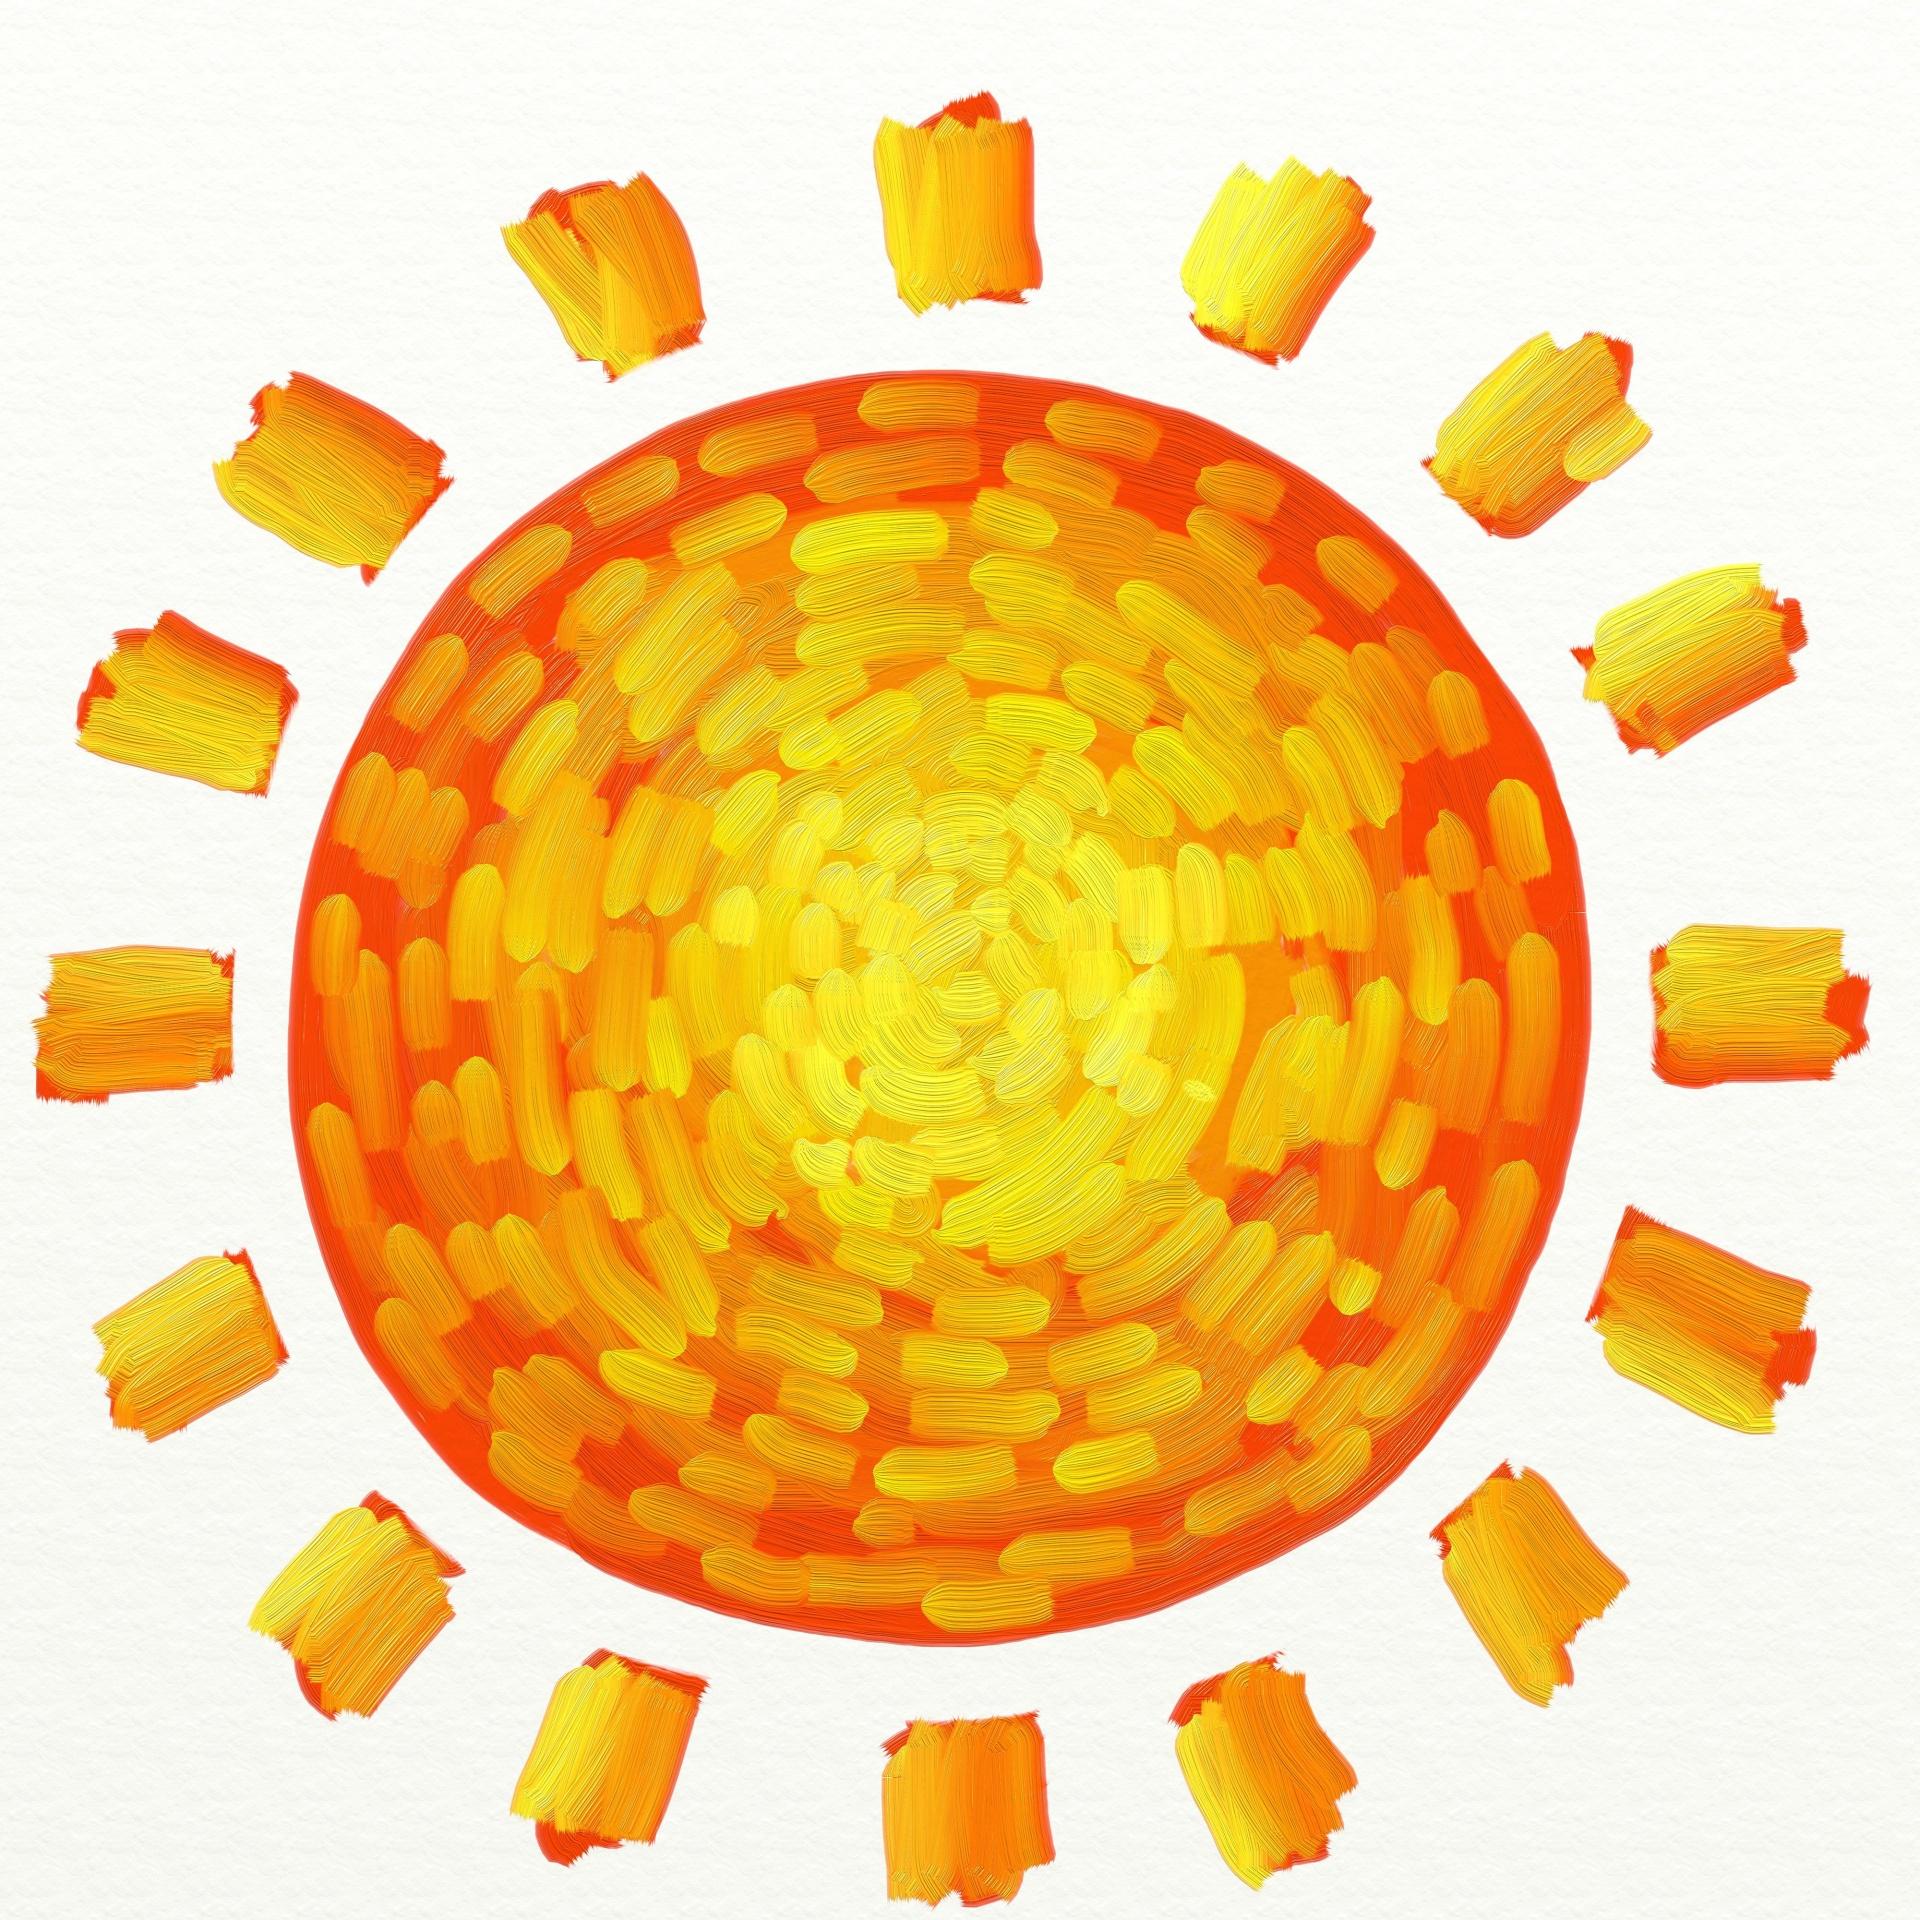 sun-1443875904Xk6.jpg